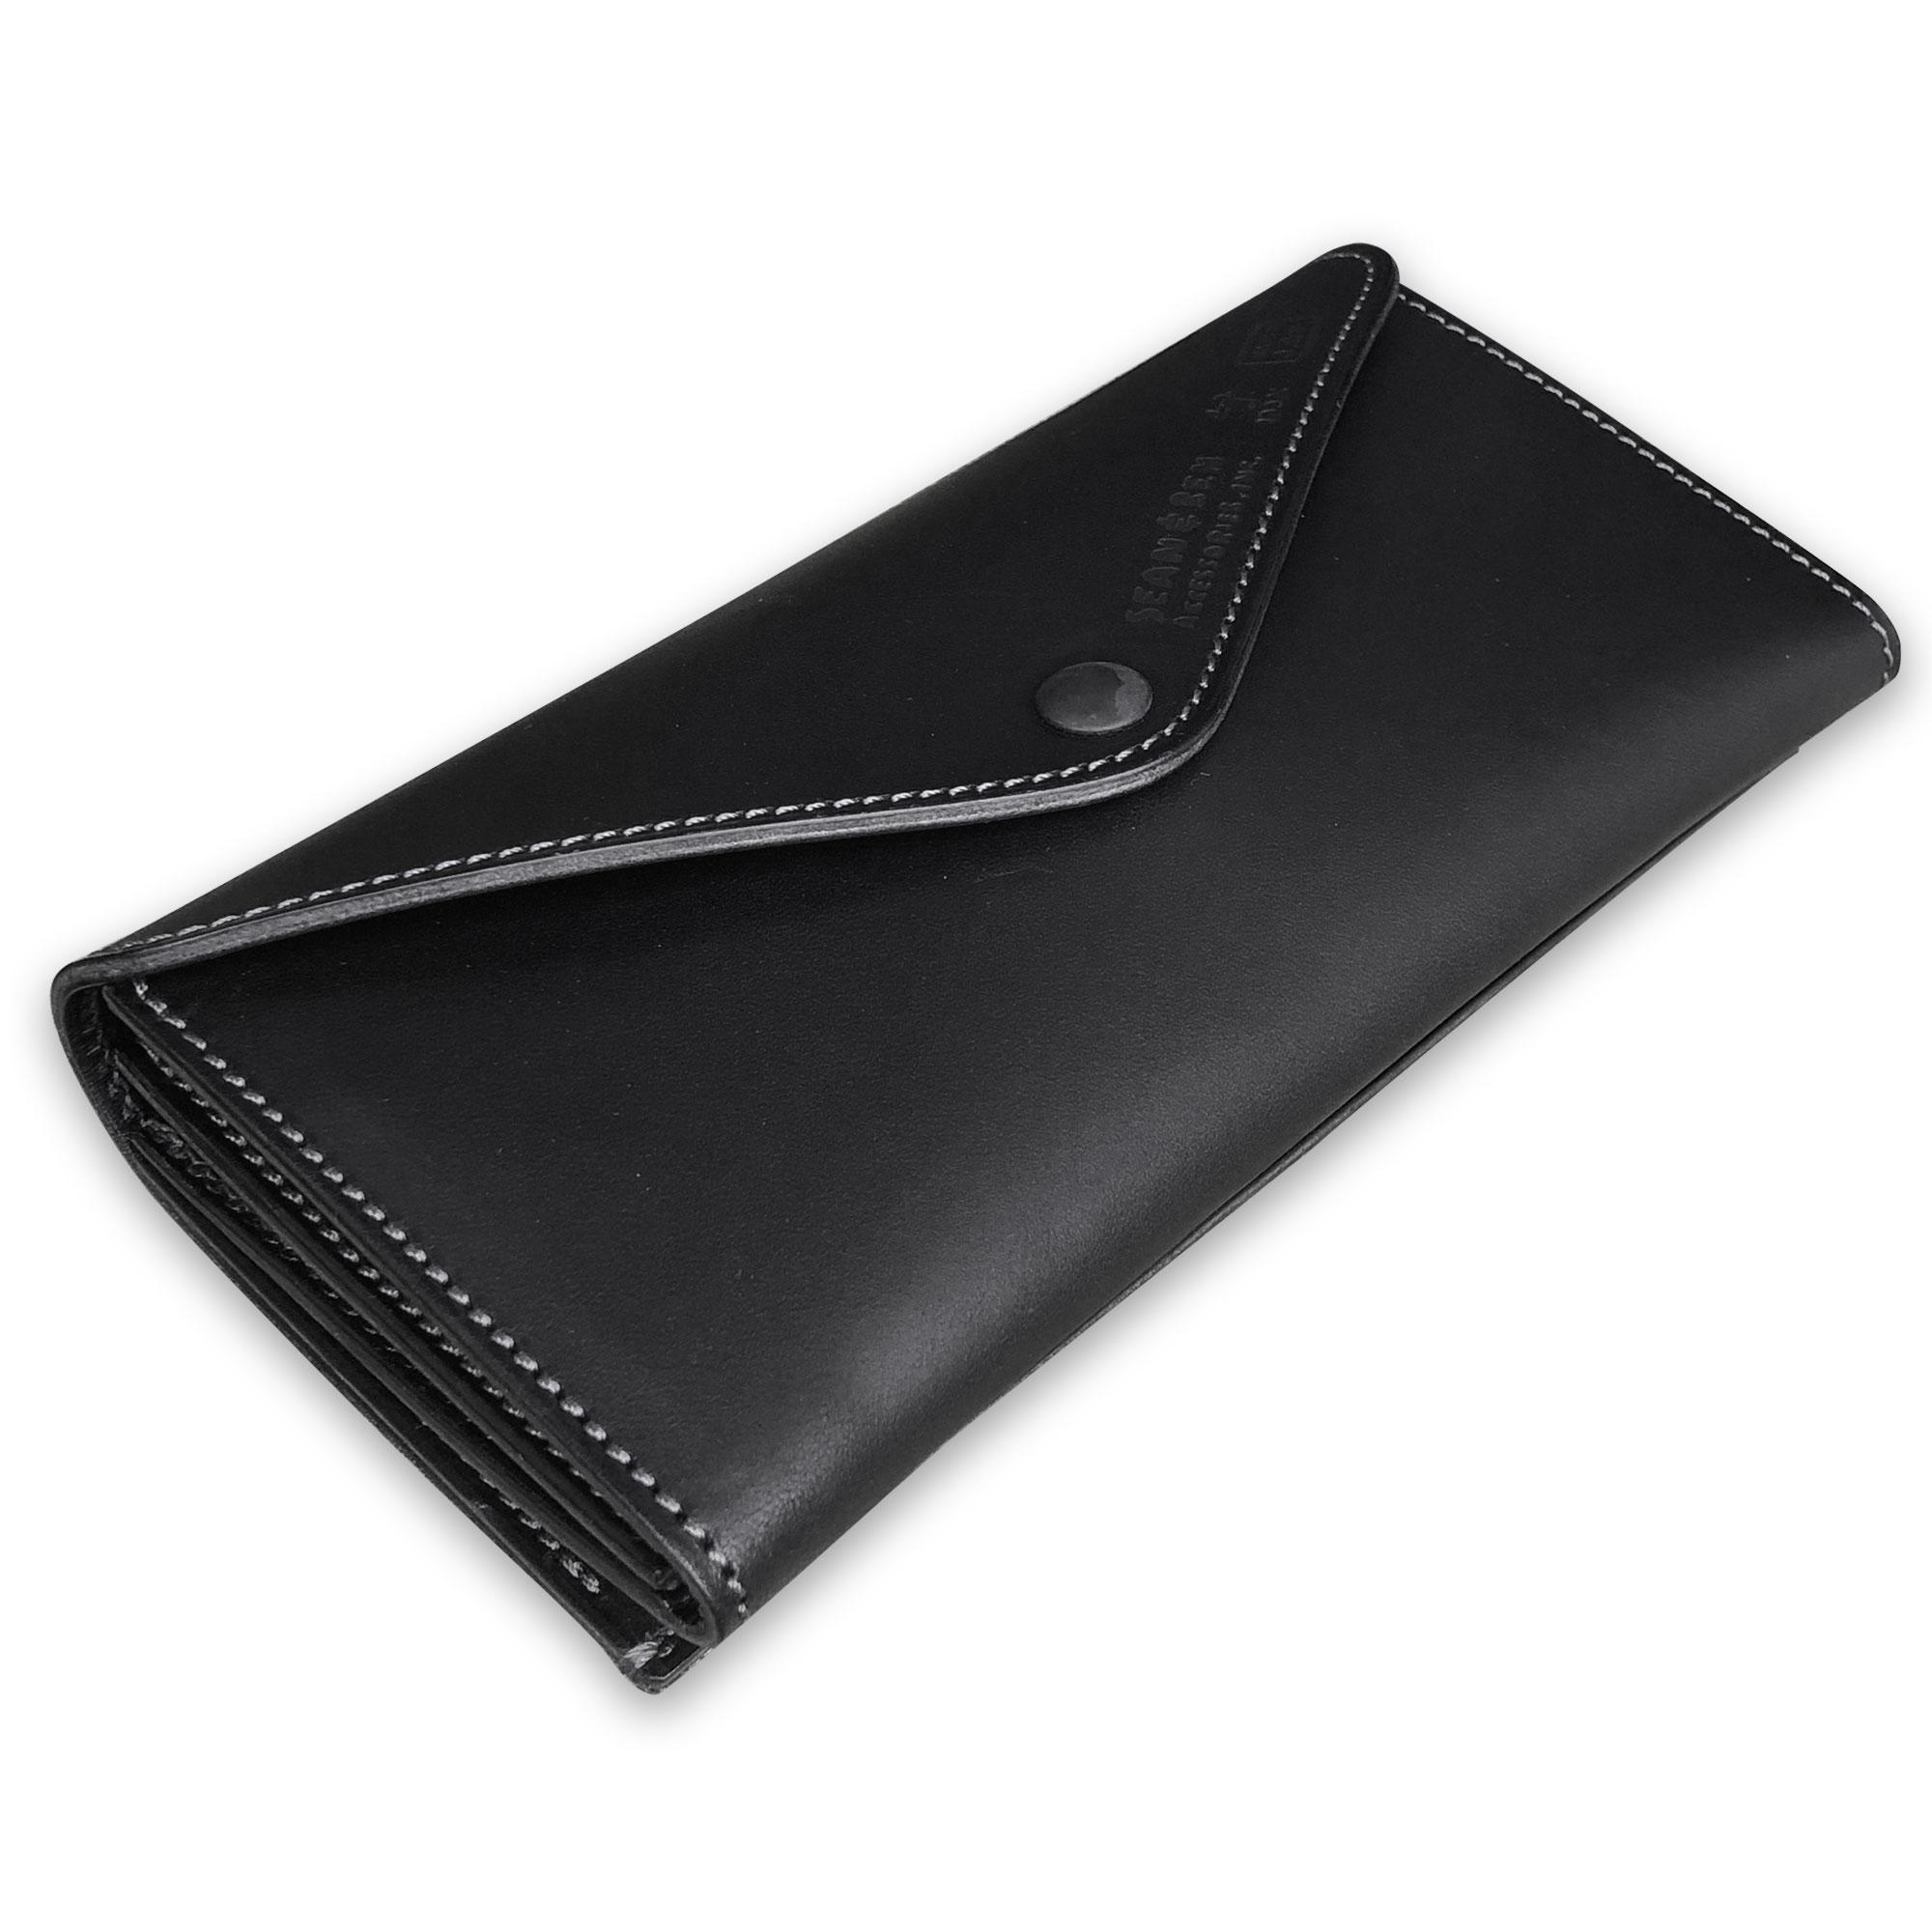 バッグ要らずの収納スペース。 これ一つで出かけられる 財布です。